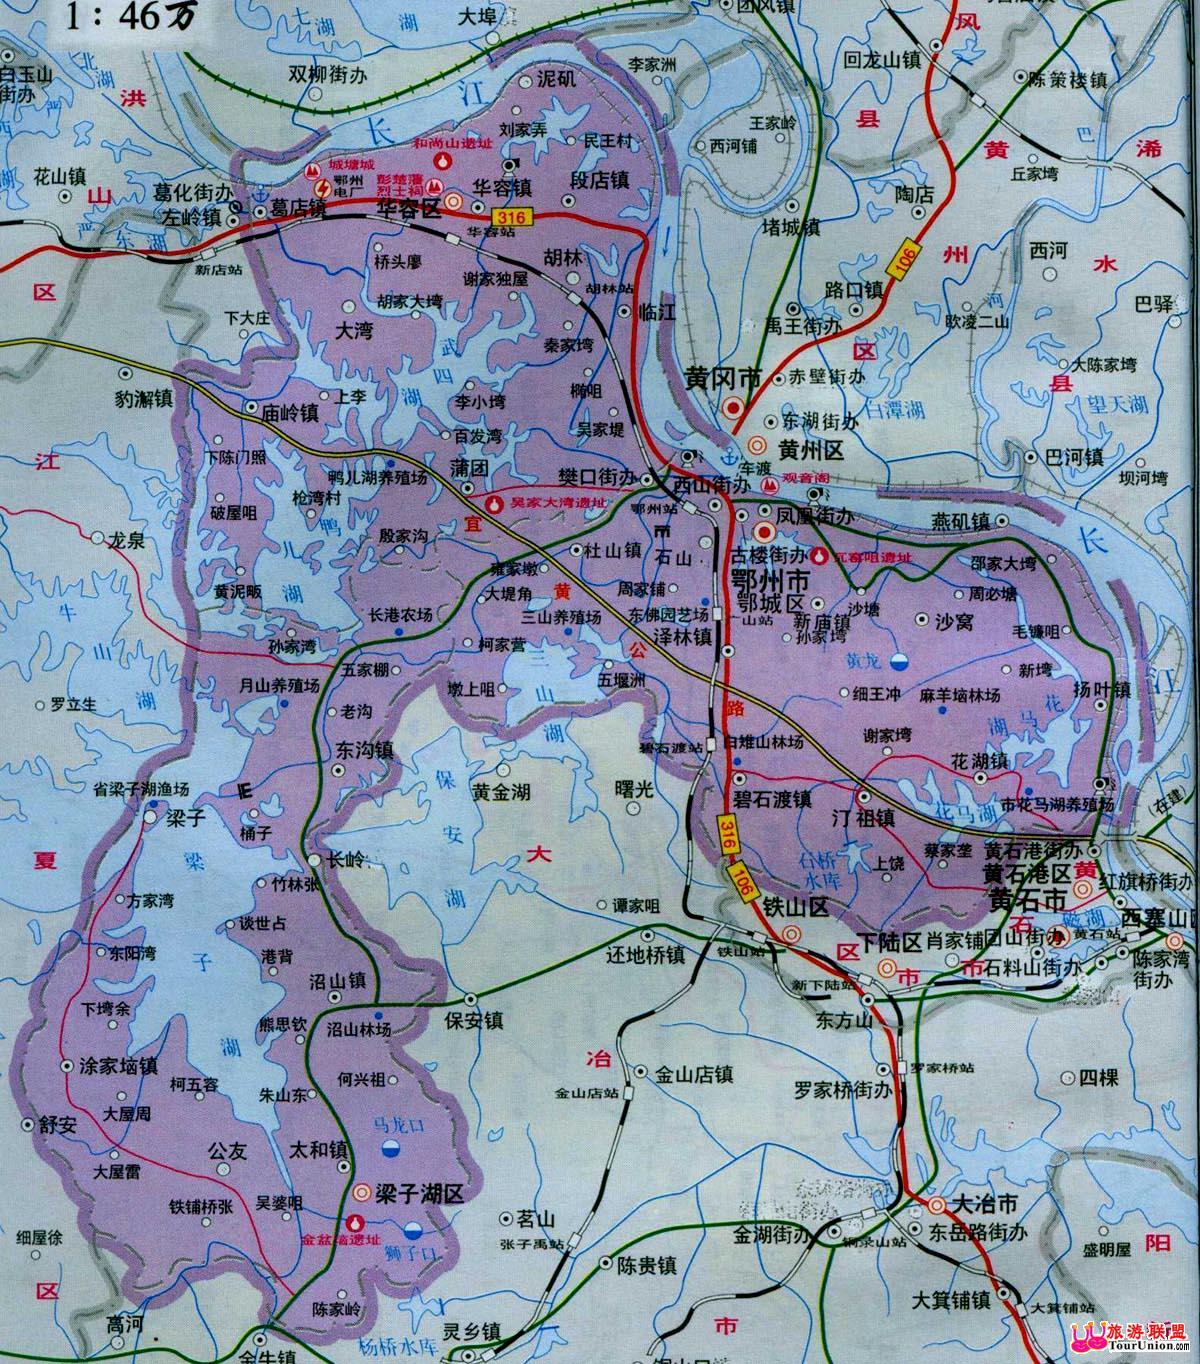 湖北省鄂州地图_鄂州地图_湖北地图_高清版_下载政区地图